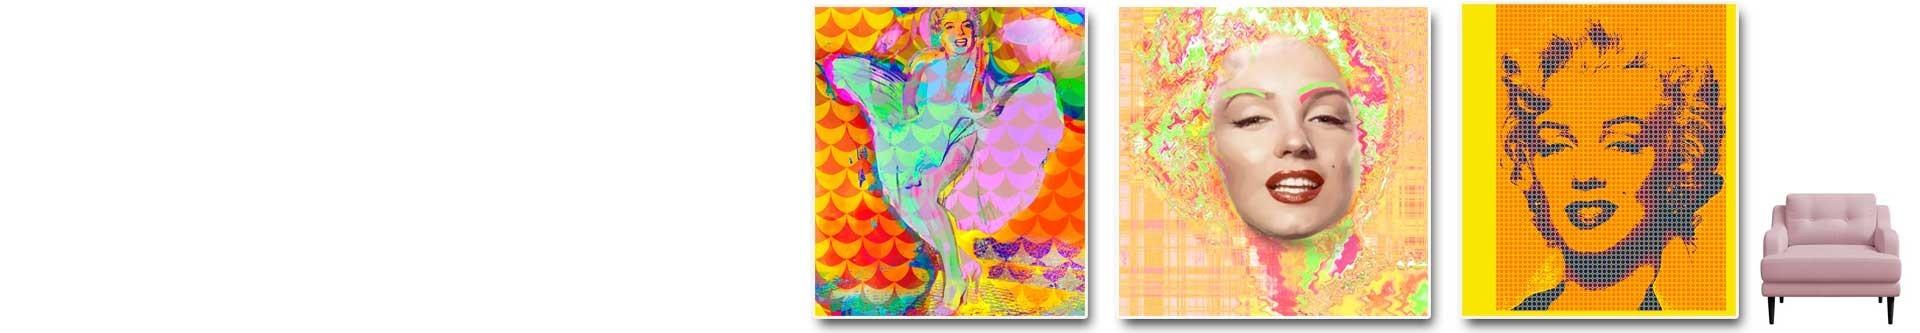 Marilyn Monroe obrazy • grafikiobrazy.pl